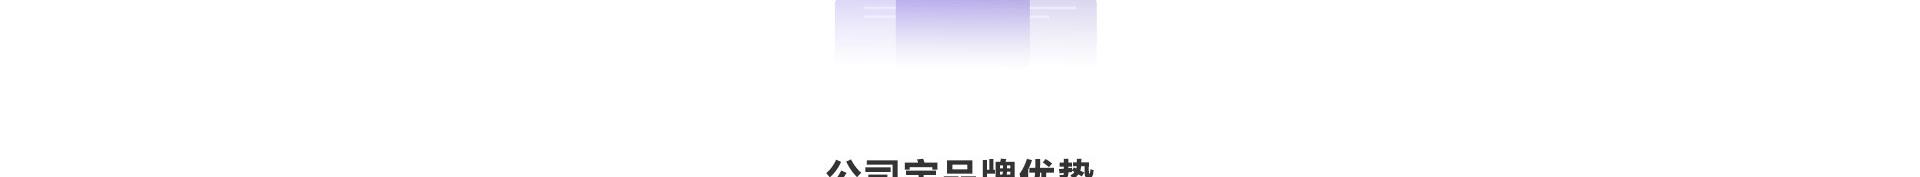 加盟计划_08.png